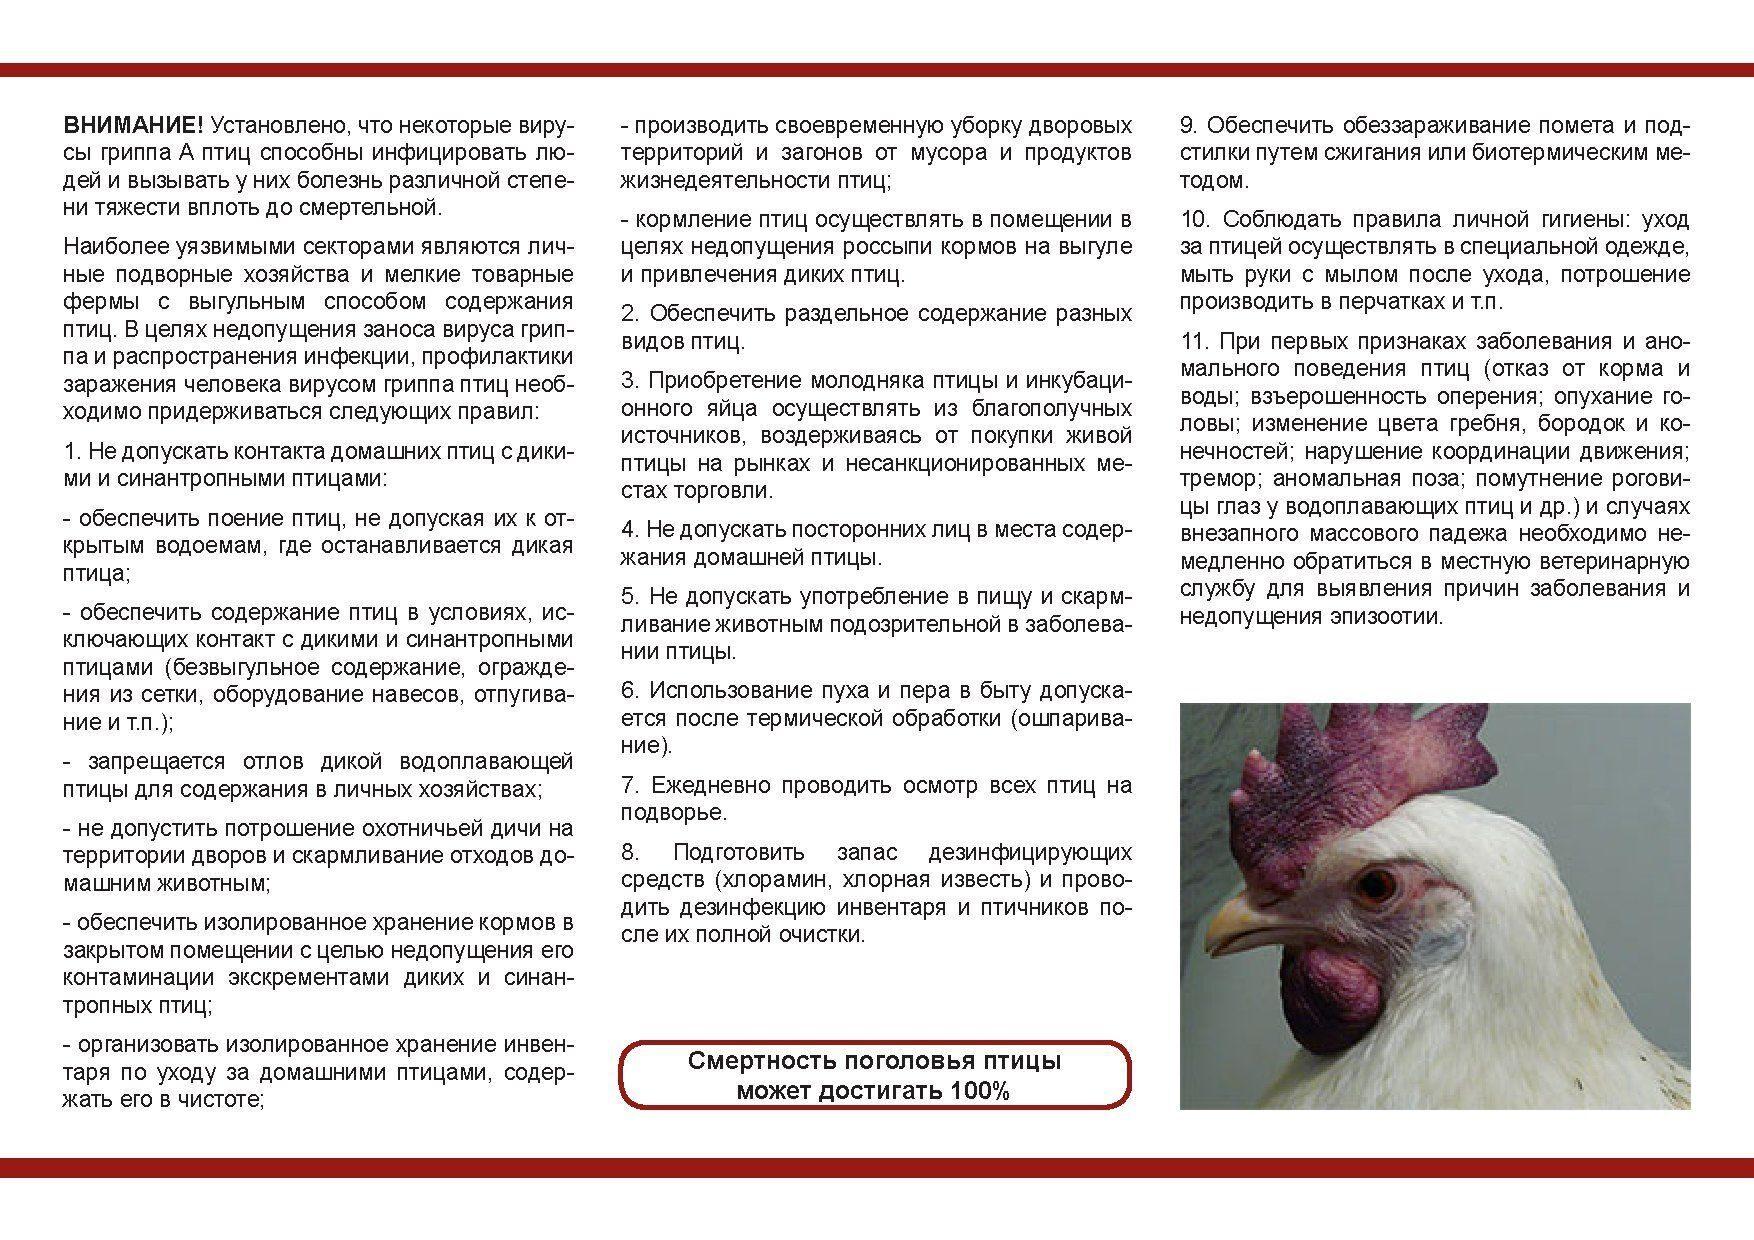 отчет в фонд занятости о принятых работниках бланк 5-пн